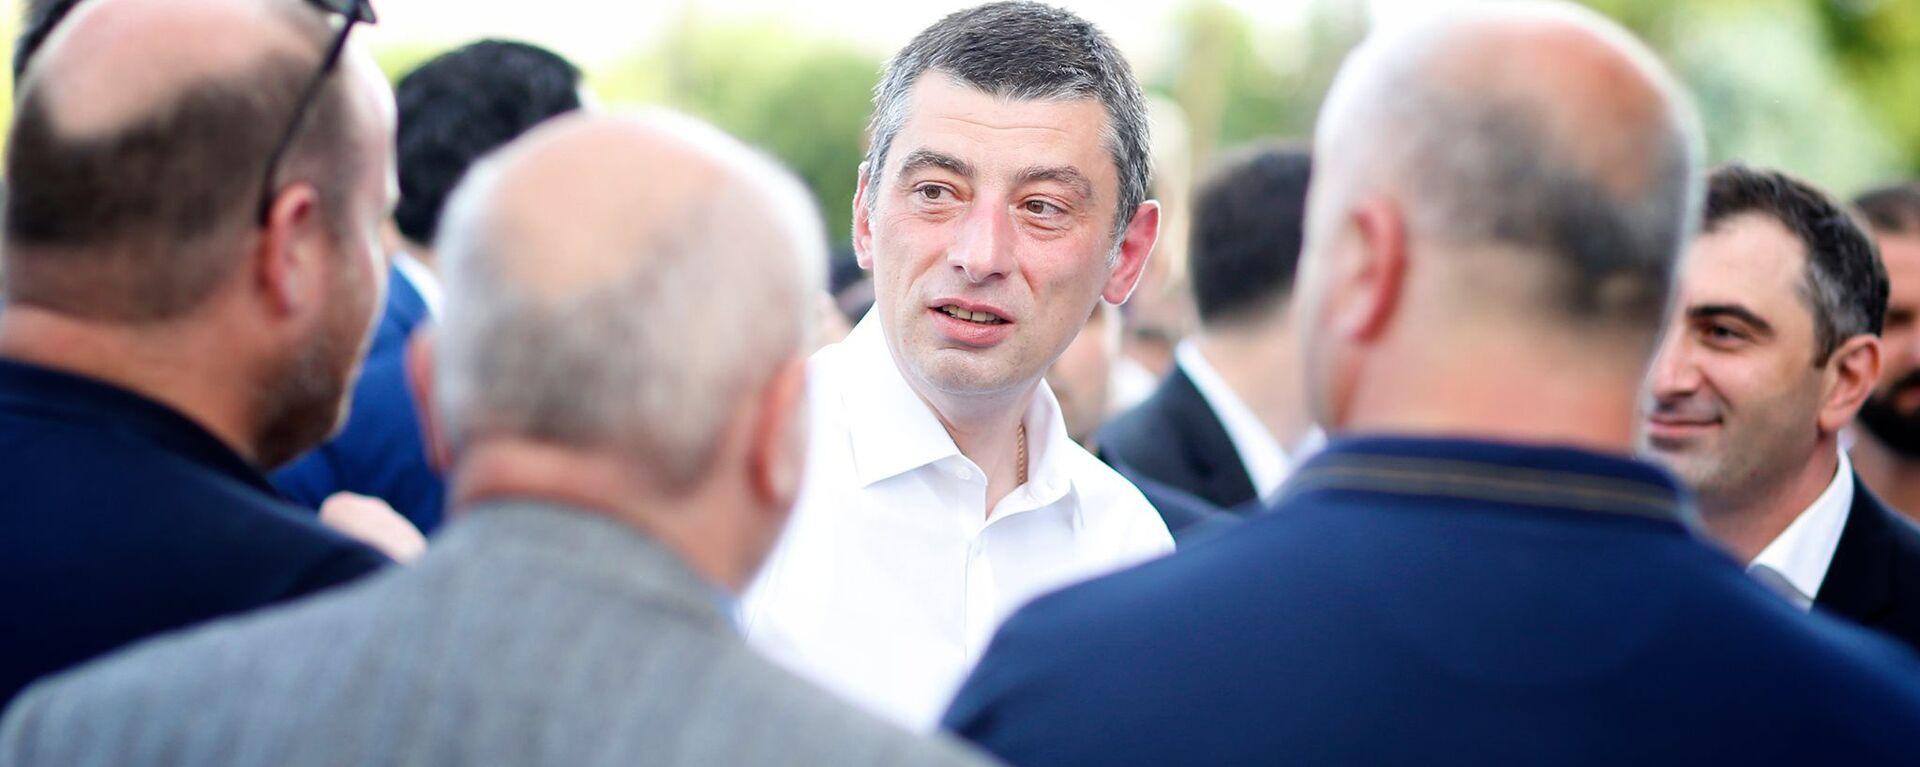 Георгий Гахария открыл офис своей партии в Зугдиди - Sputnik Грузия, 1920, 02.09.2021